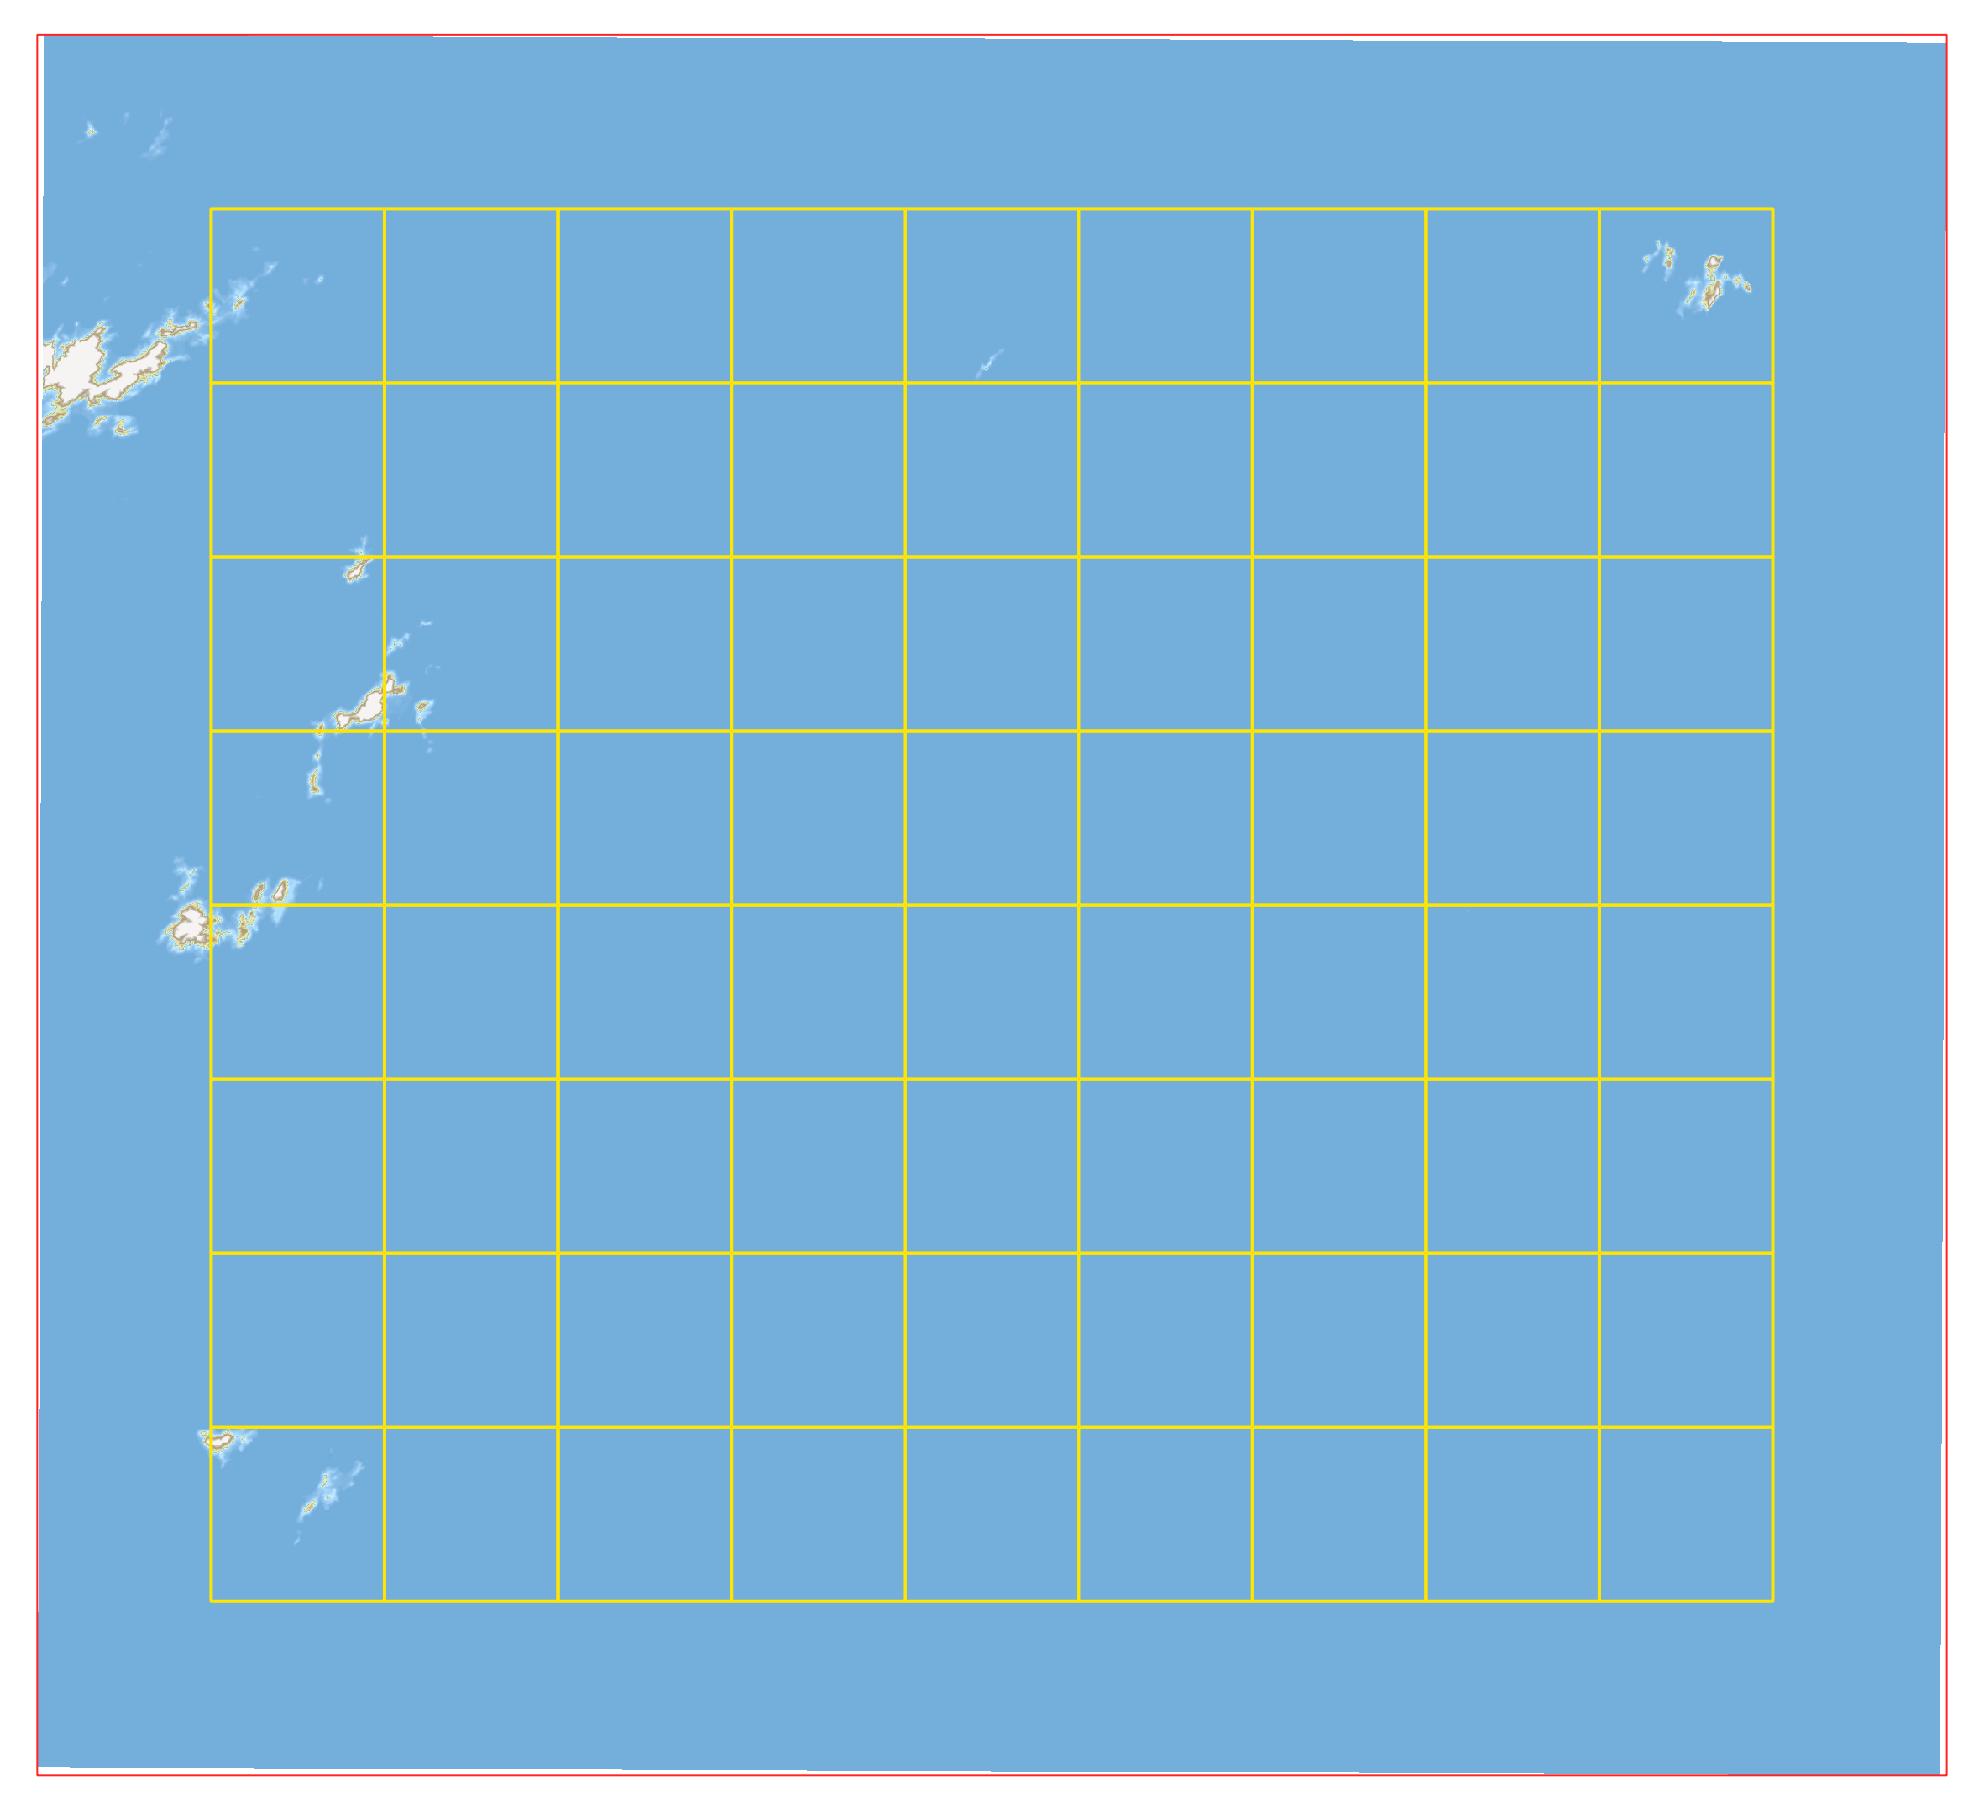 map_skew.png